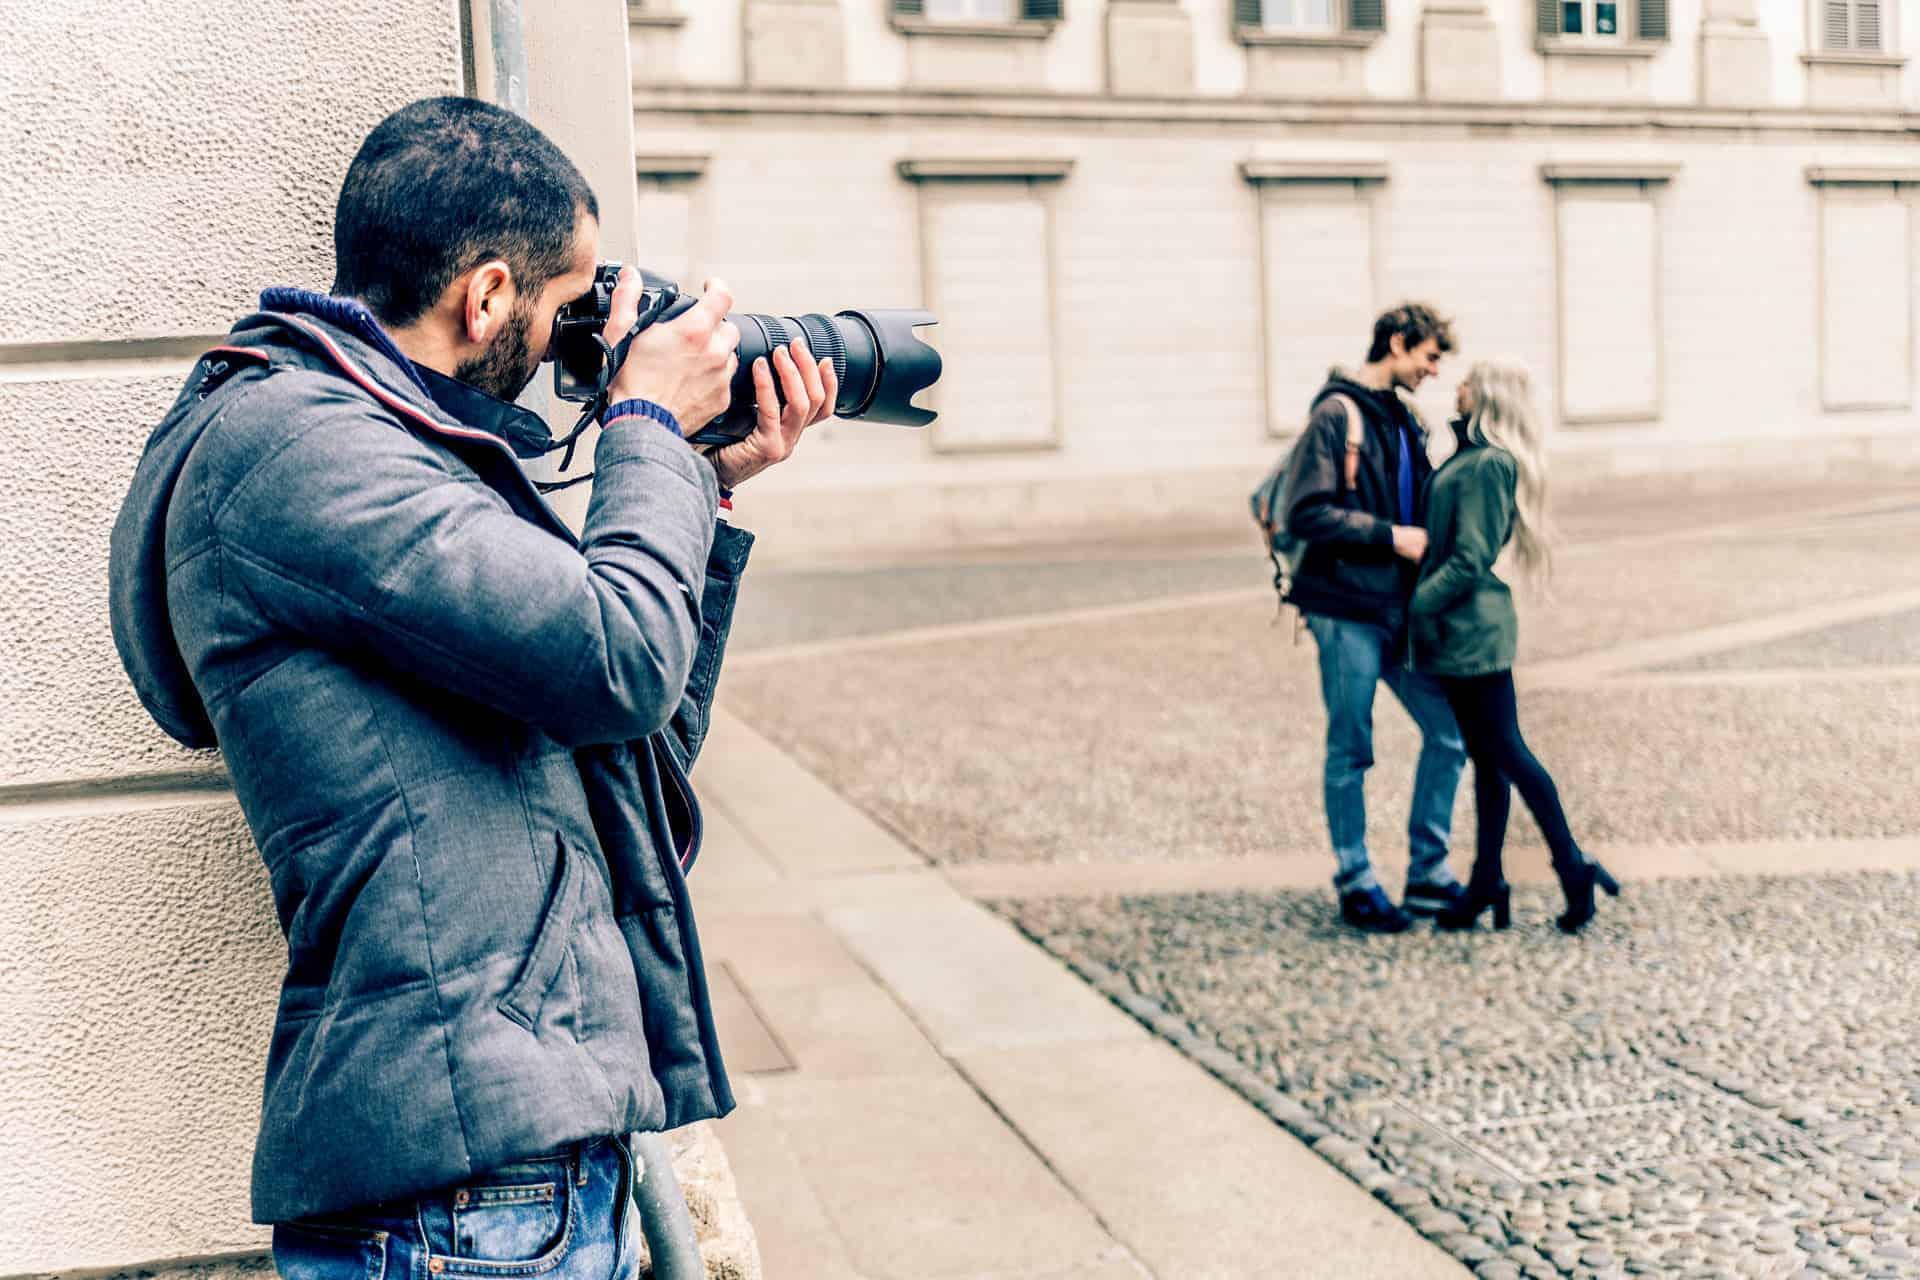 Private Investigator taking photos